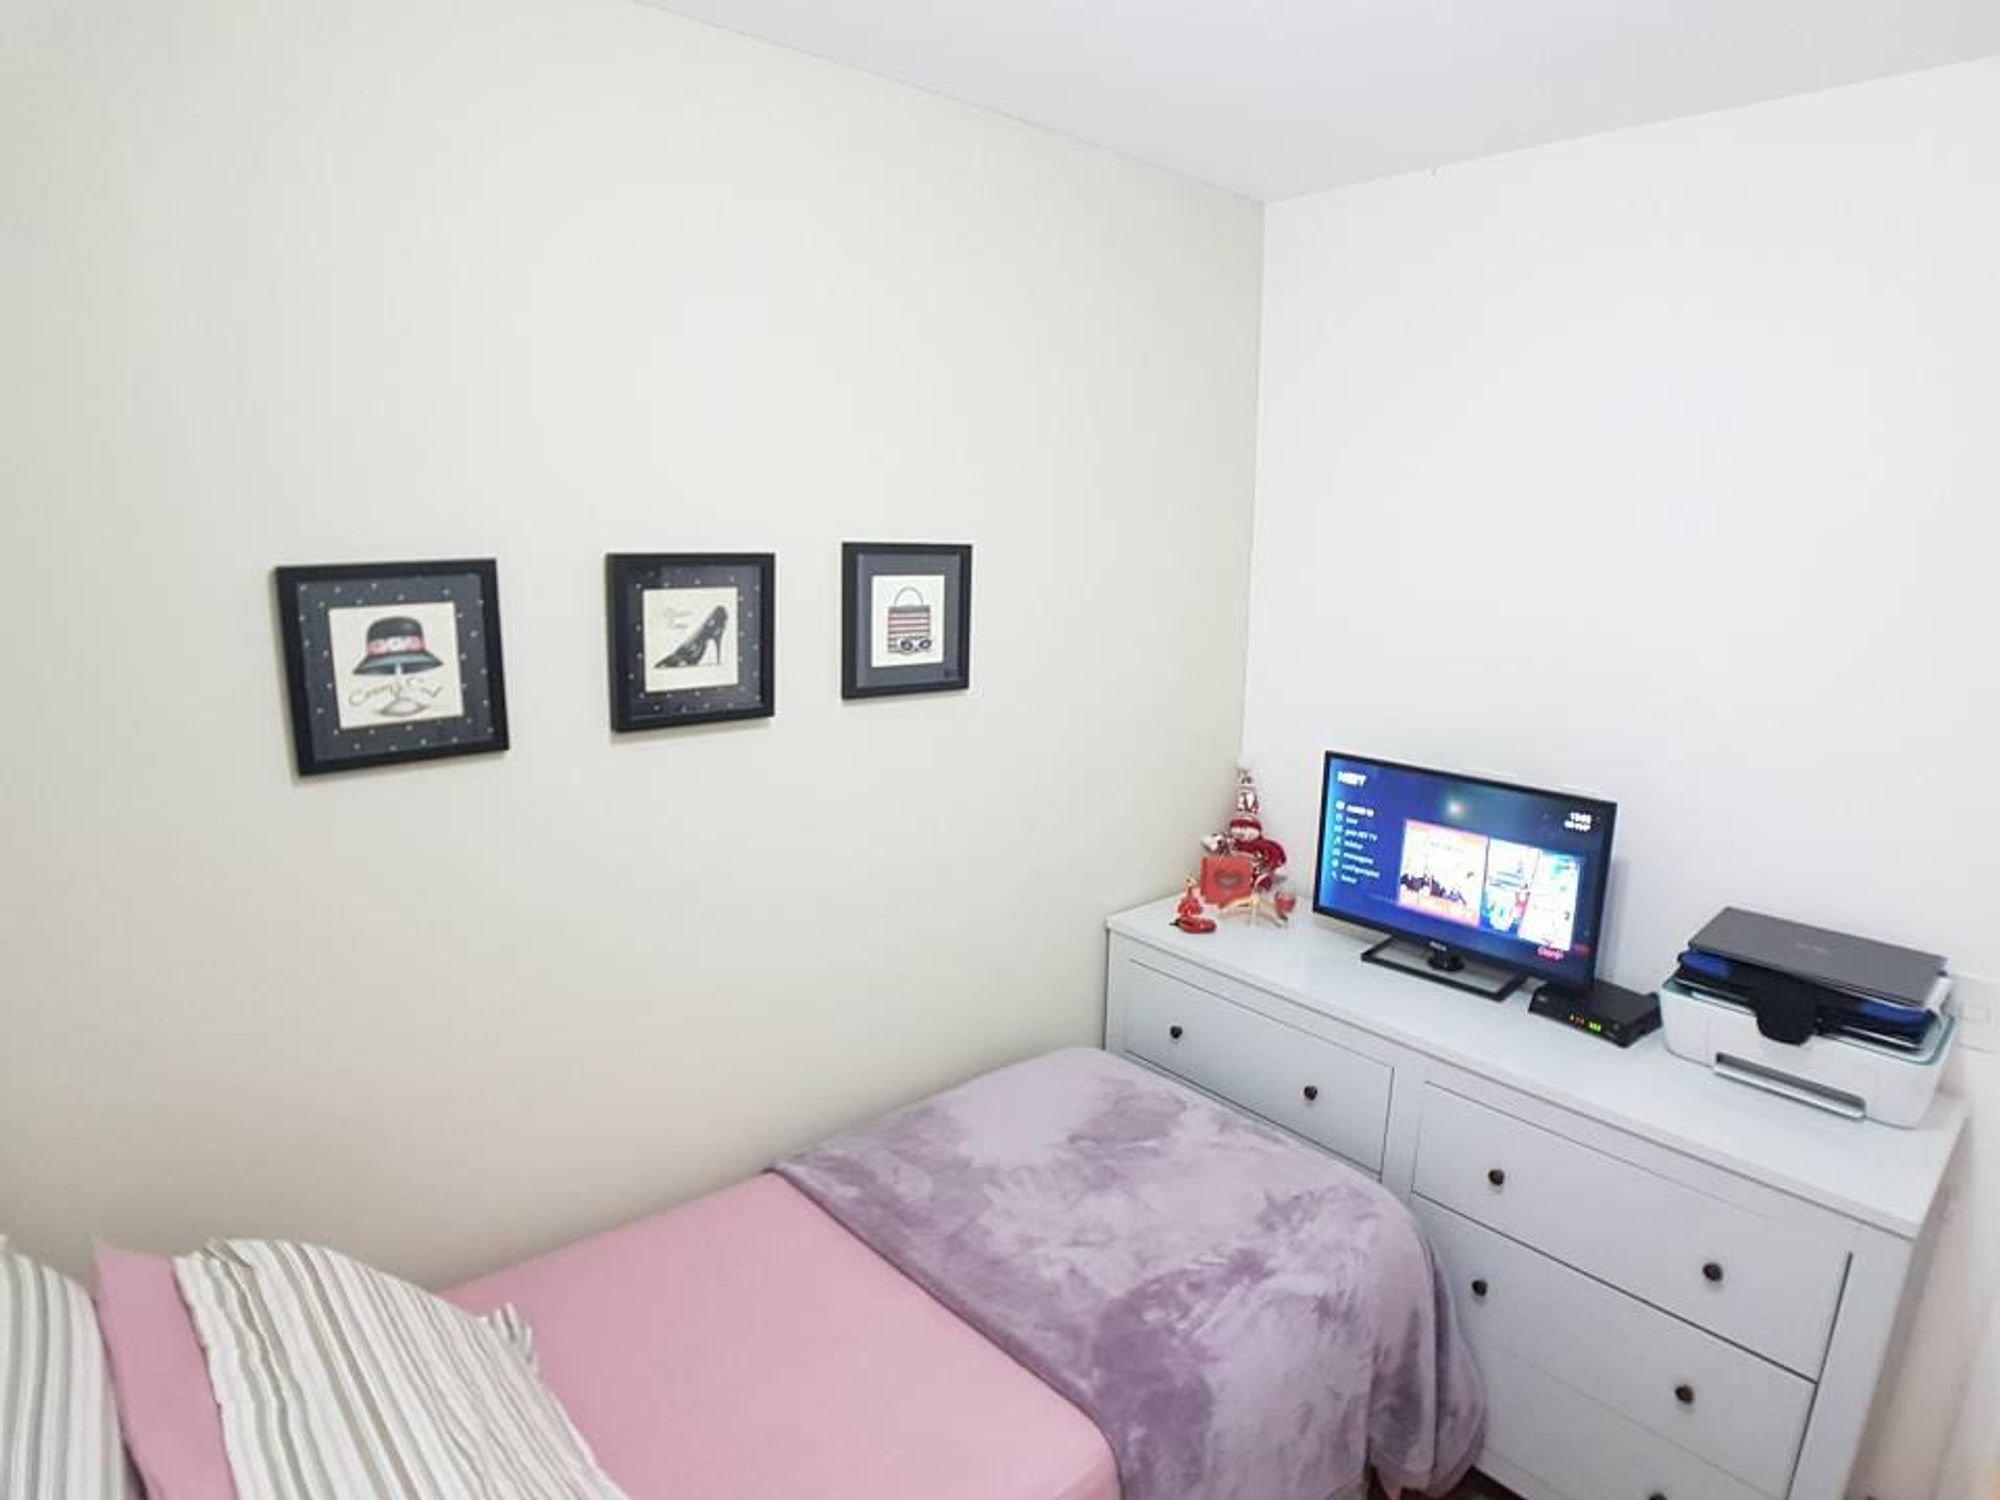 Foto de Sala com cama, televisão